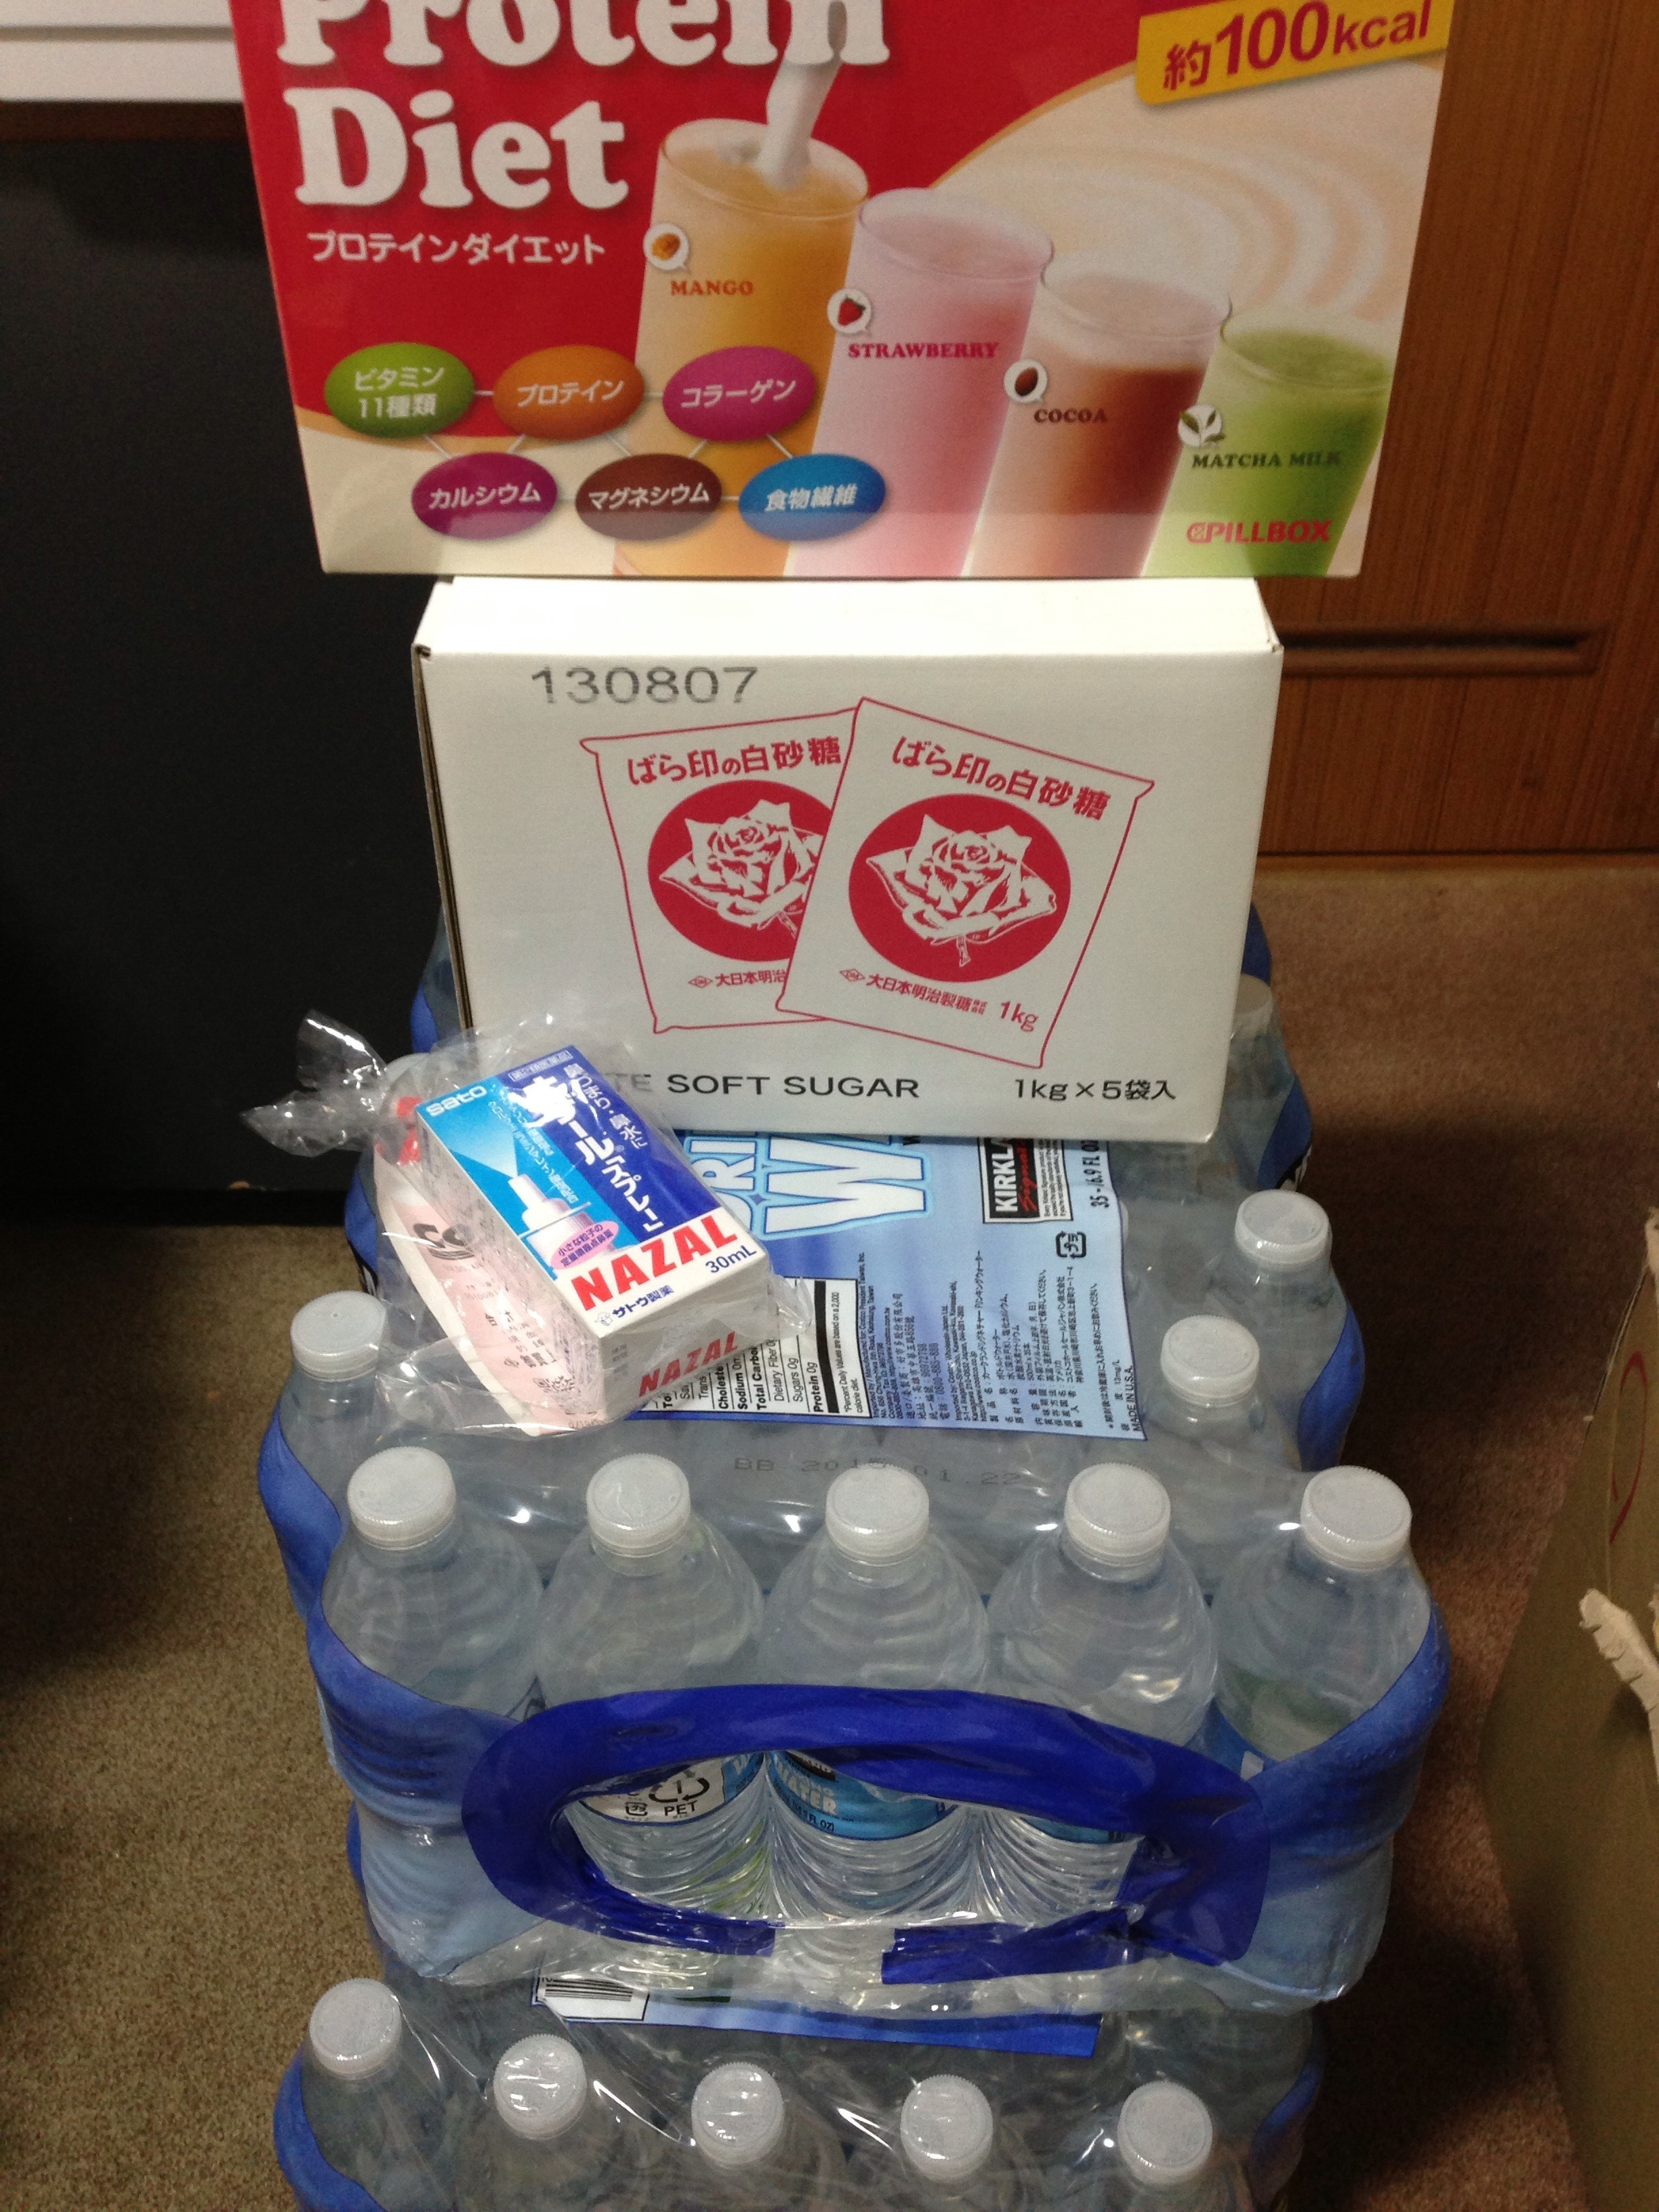 お水、プロテインダイエット、鼻炎のナザールスプレー。